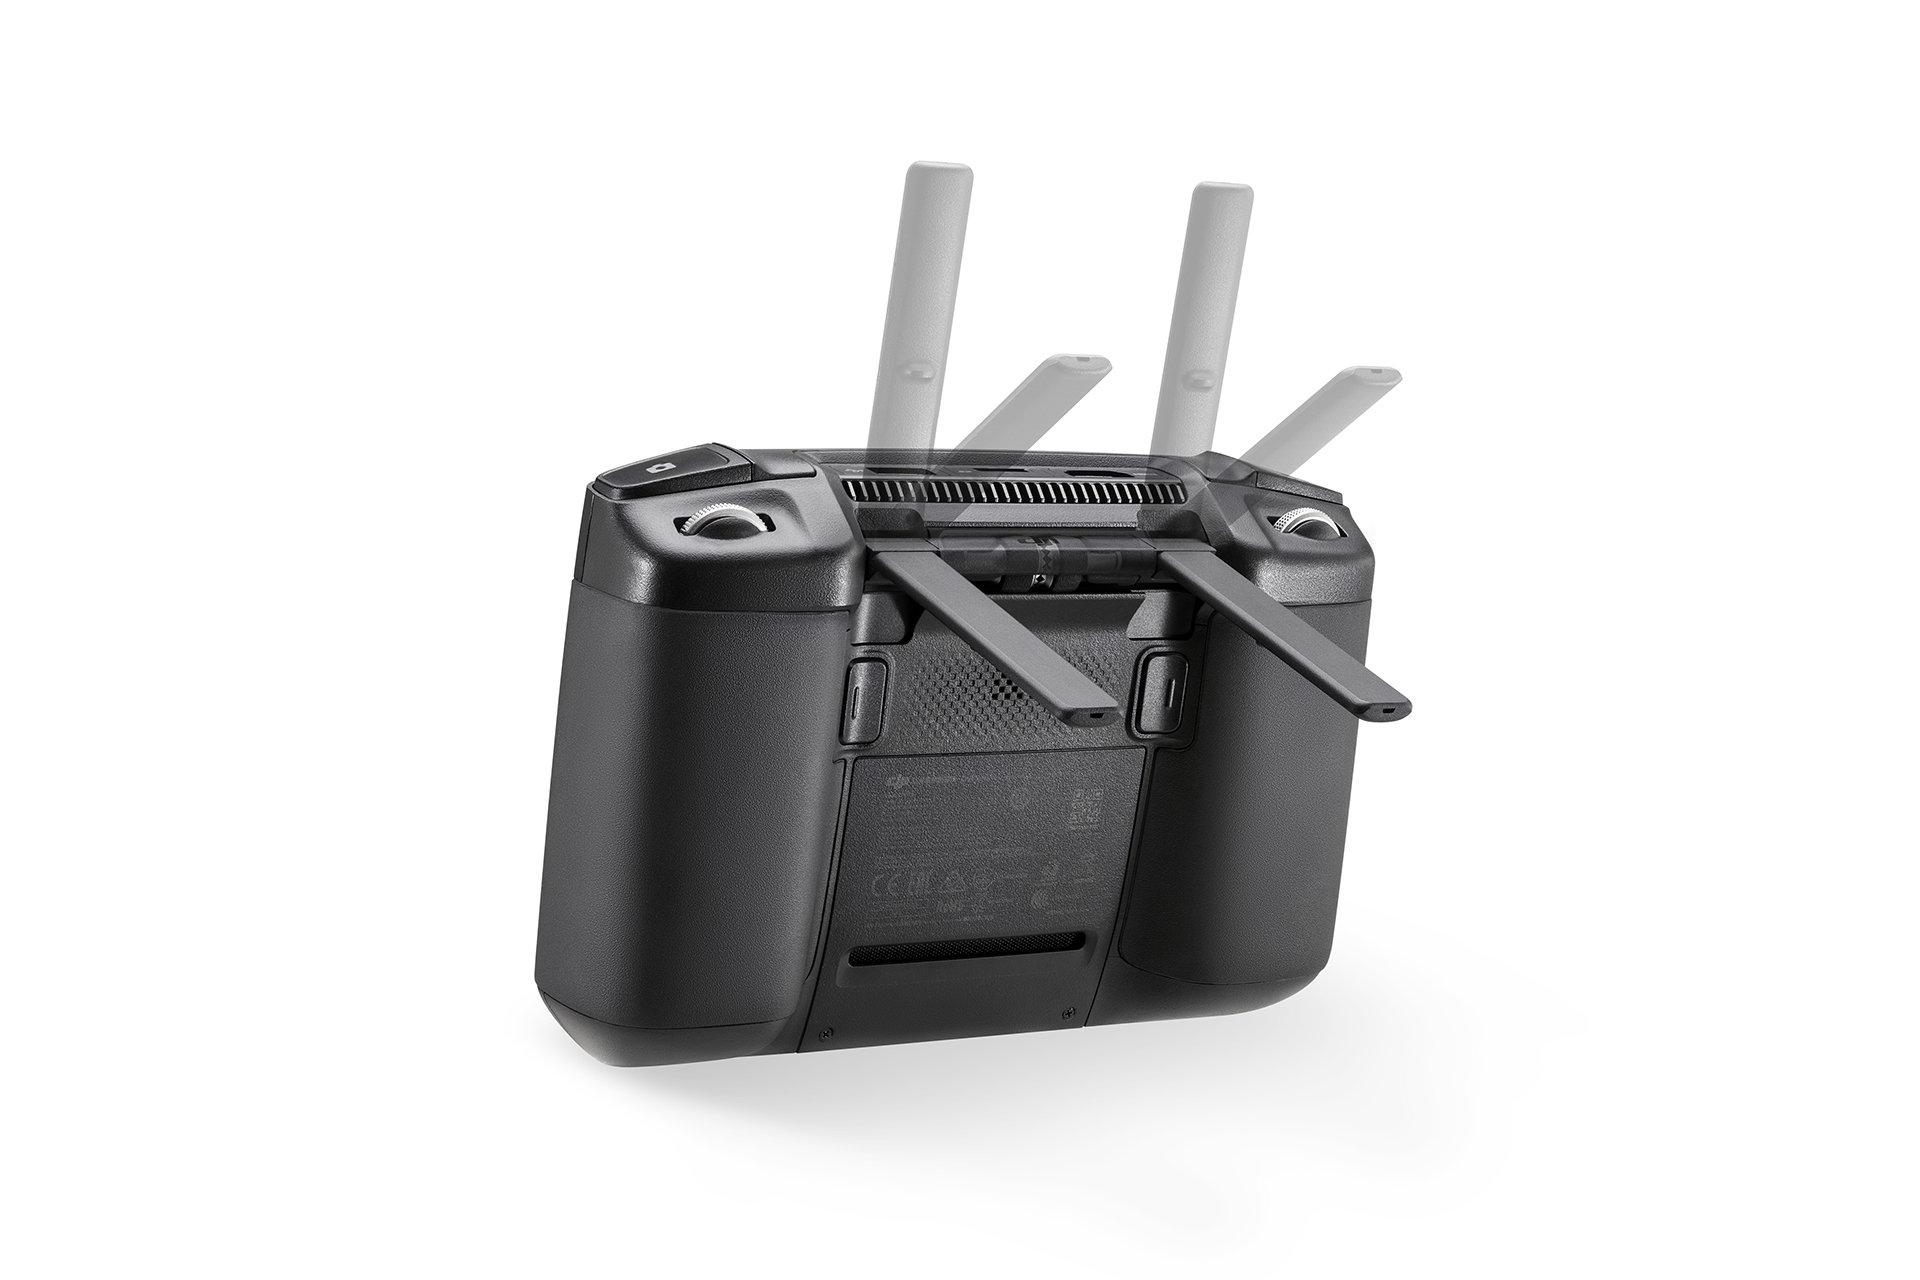 NEU: DJI Smart-Fernsteuerung mit integriertem Bildschirm - featured